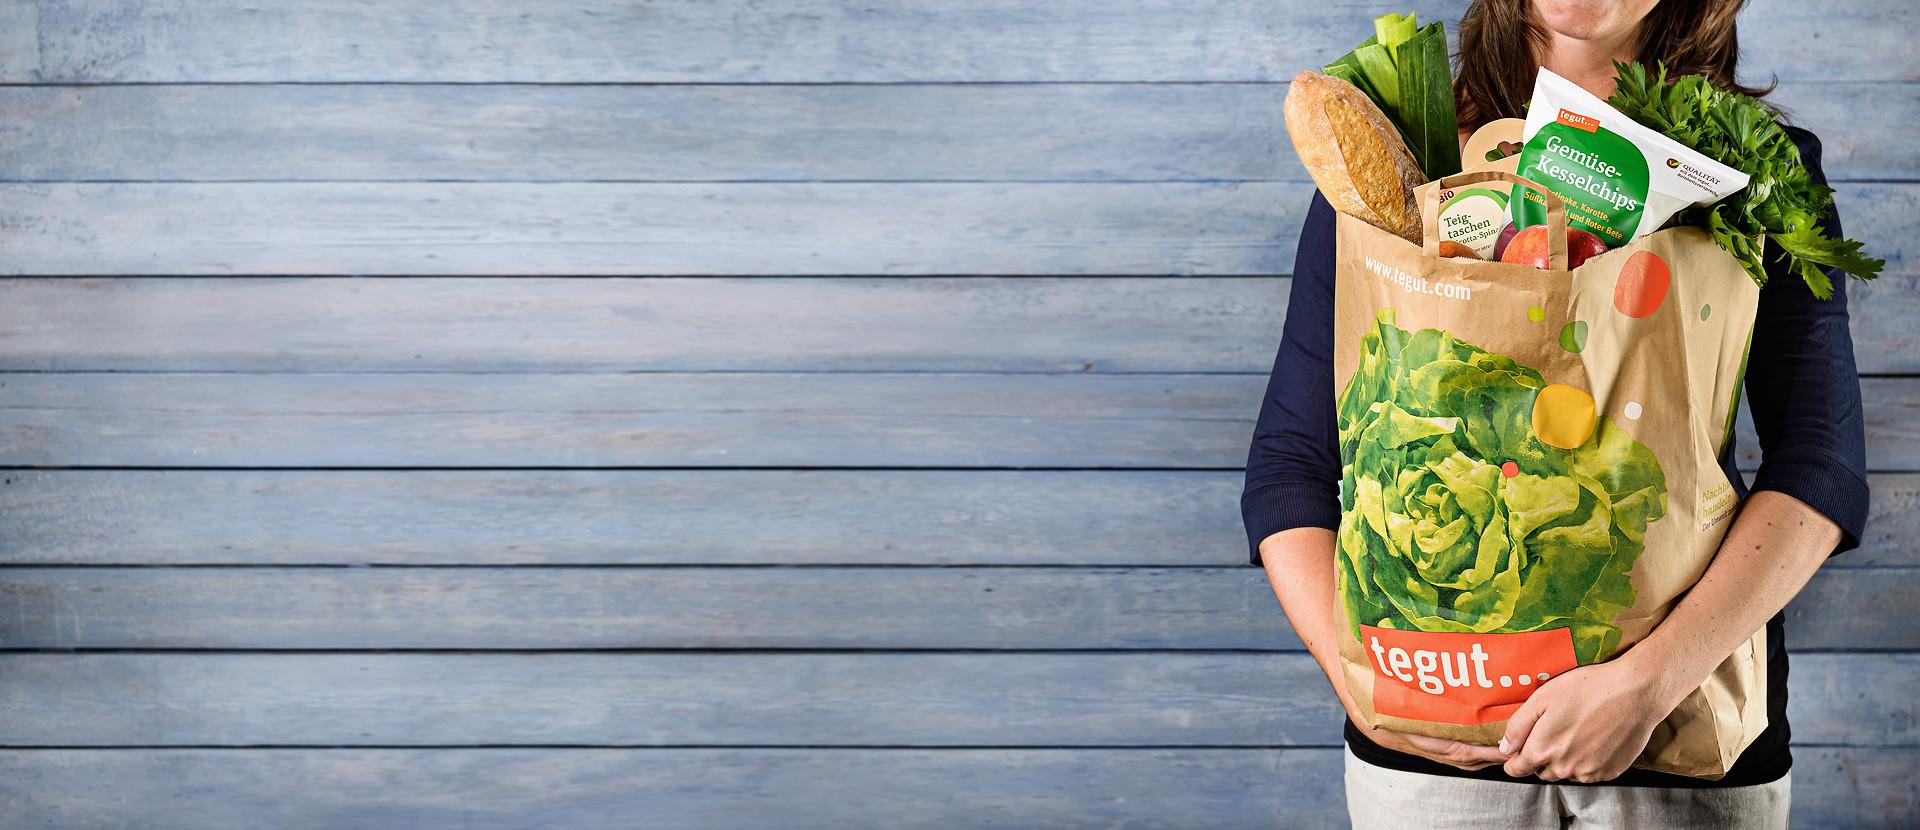 Frau mit einer lecker gefüllten Lebensmitteltüte steht vor einer Holzwand.